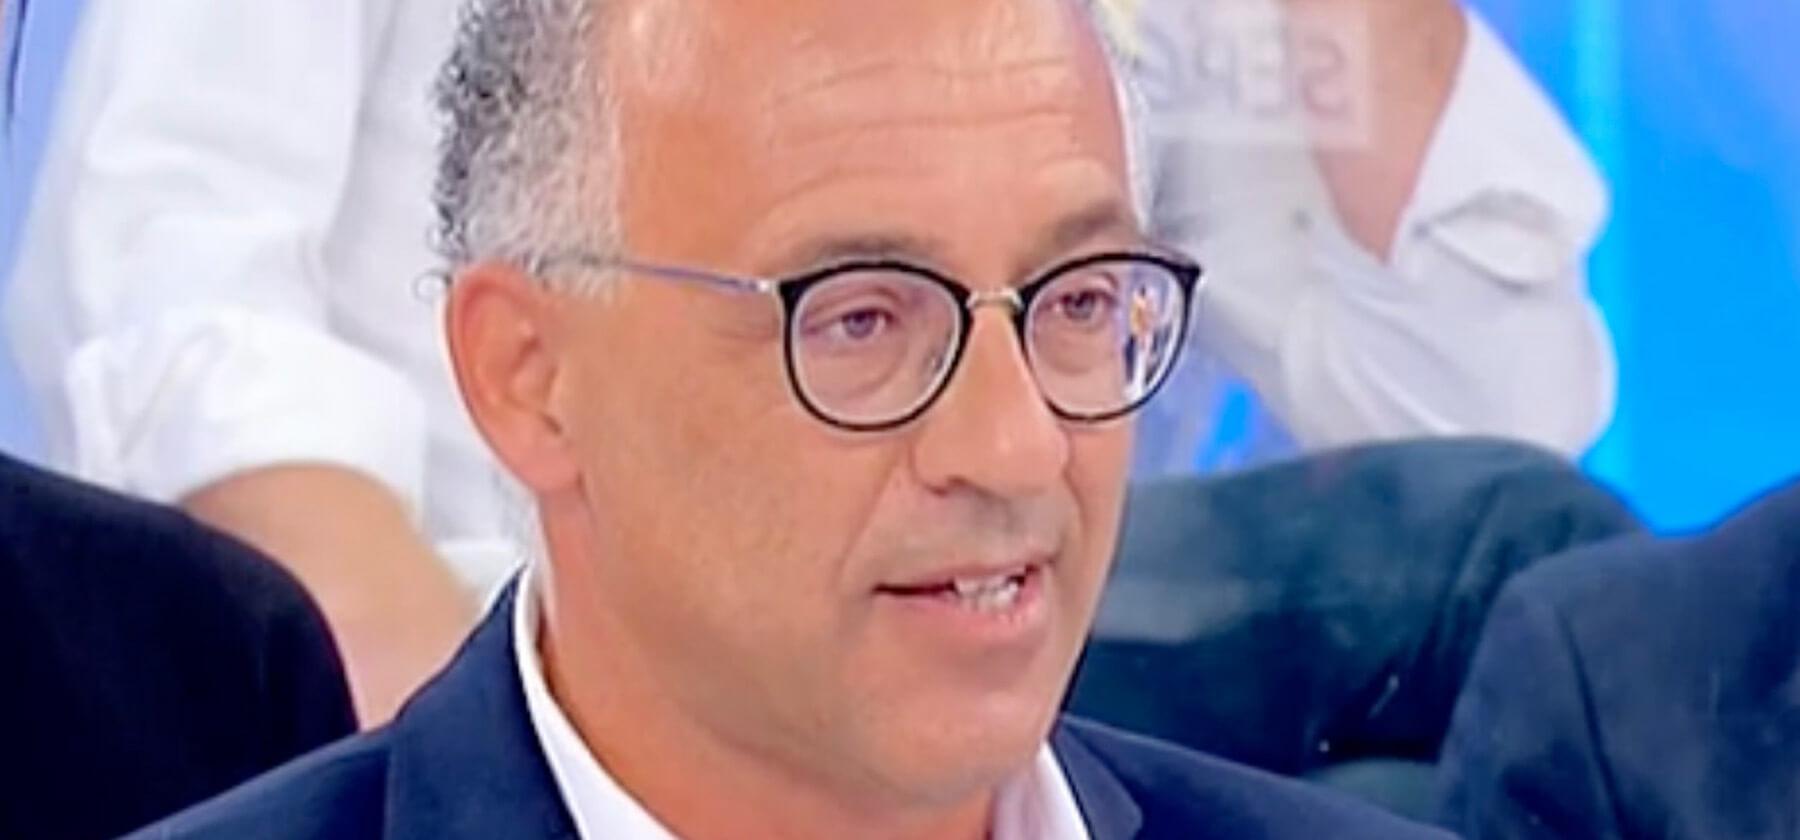 Chi è Maurizio, l'avvocato di Uomini e Donne, Che Esce con Gemma Galgani